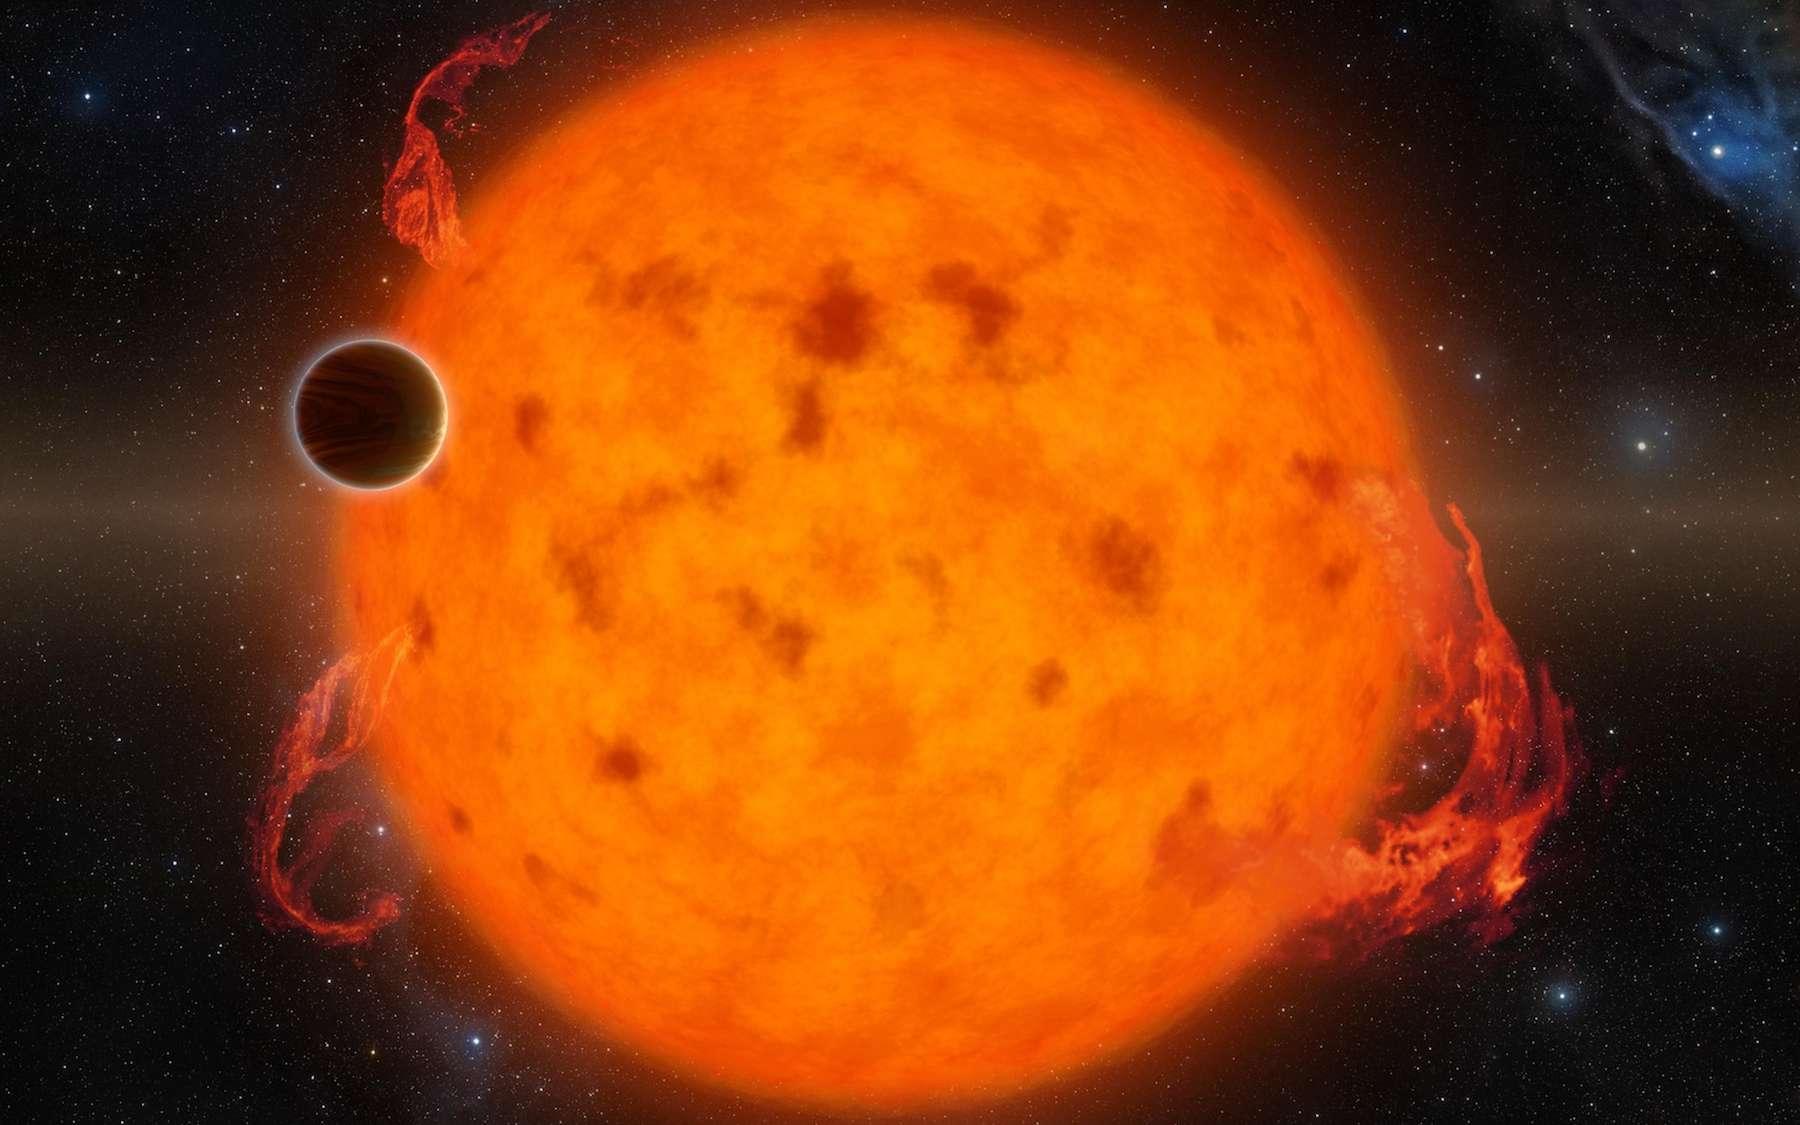 Illustration de K2-33b, une des plus jeunes exoplanètes jamais découvertes par transit. Comparable à Neptune en taille et peut-être en masse, elle est déjà installée sur une orbite rapprochée de son étoile. Son âge est estimé par une des deux équipes qui l'a étudiée entre 5 et 10 millions d'années. S'est-elle formée sur place, si près de son soleil, ou bien a-t-elle migré rapidement? © Nasa, JPL-Caltech